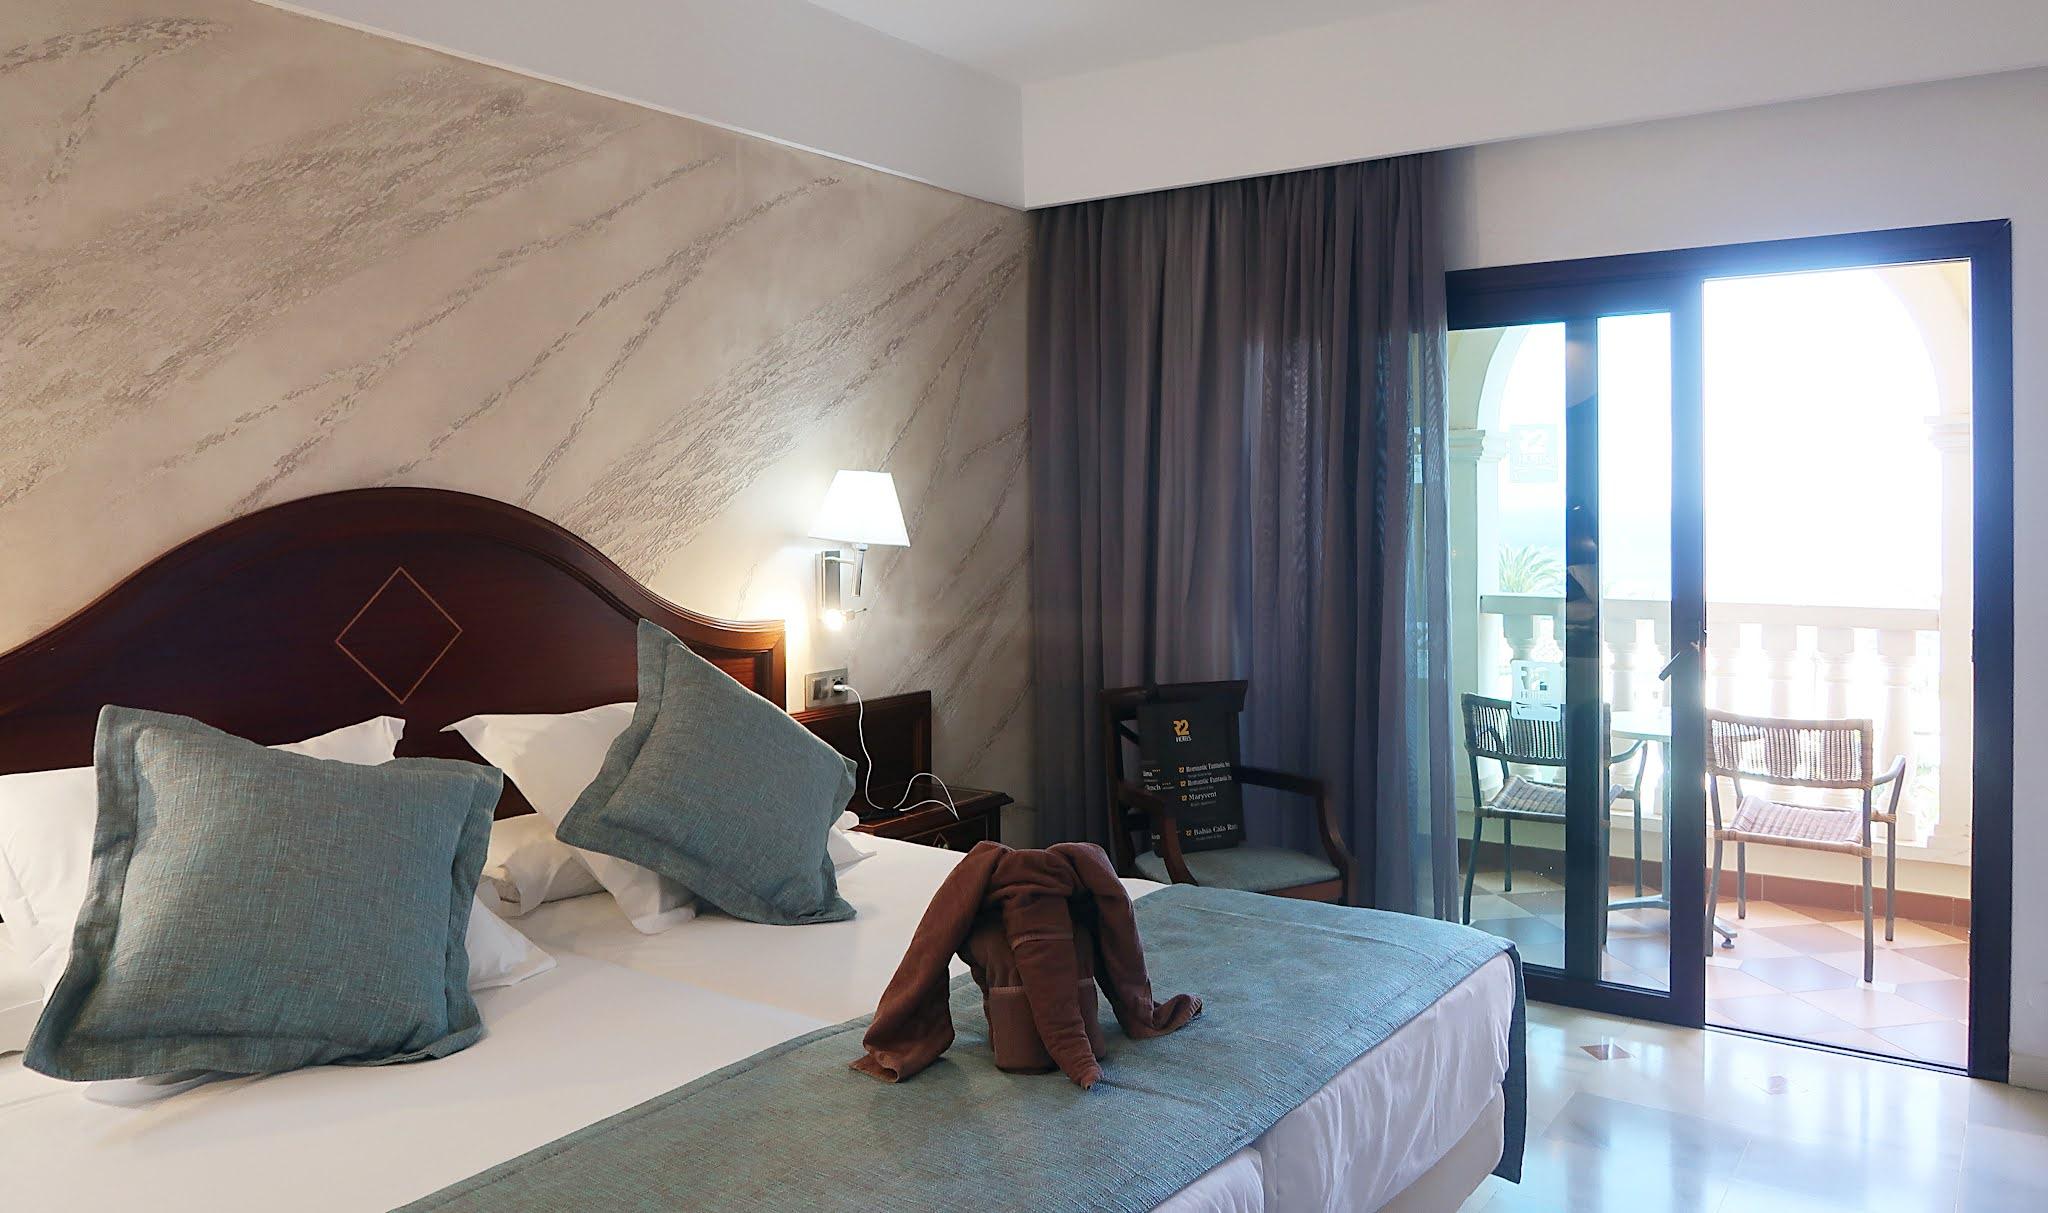 R2 RIO CALMA - WYSPY KANARYJSKIE FUEREVENTURA. MOJA OPINIA O HOTELU